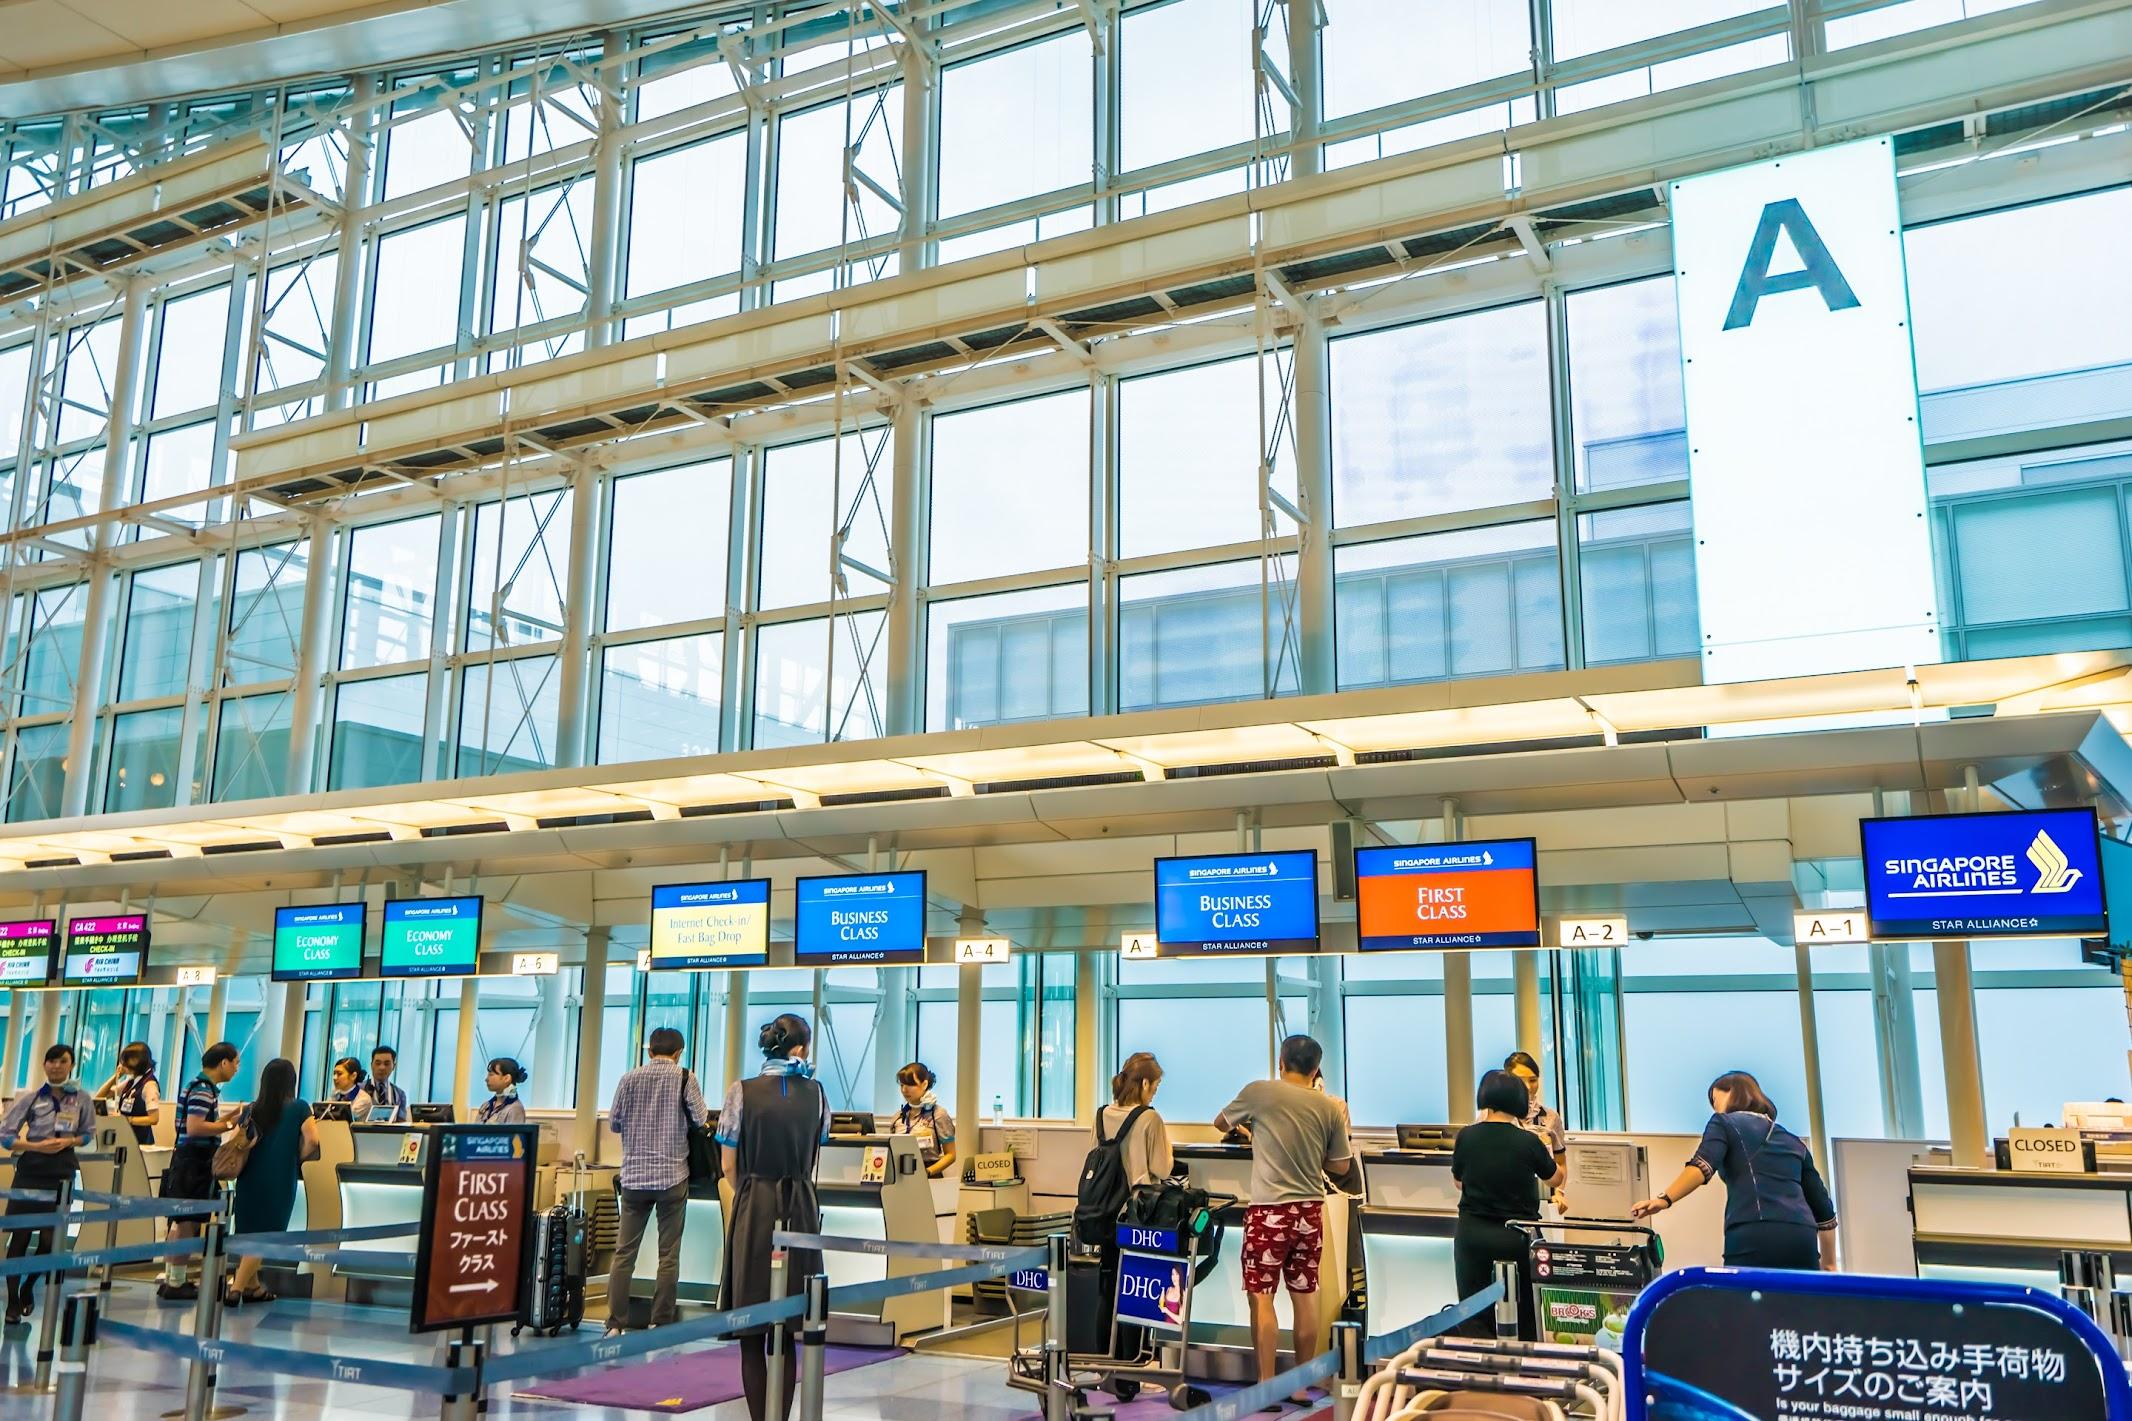 羽田空港 シンガポール航空 カウンター1